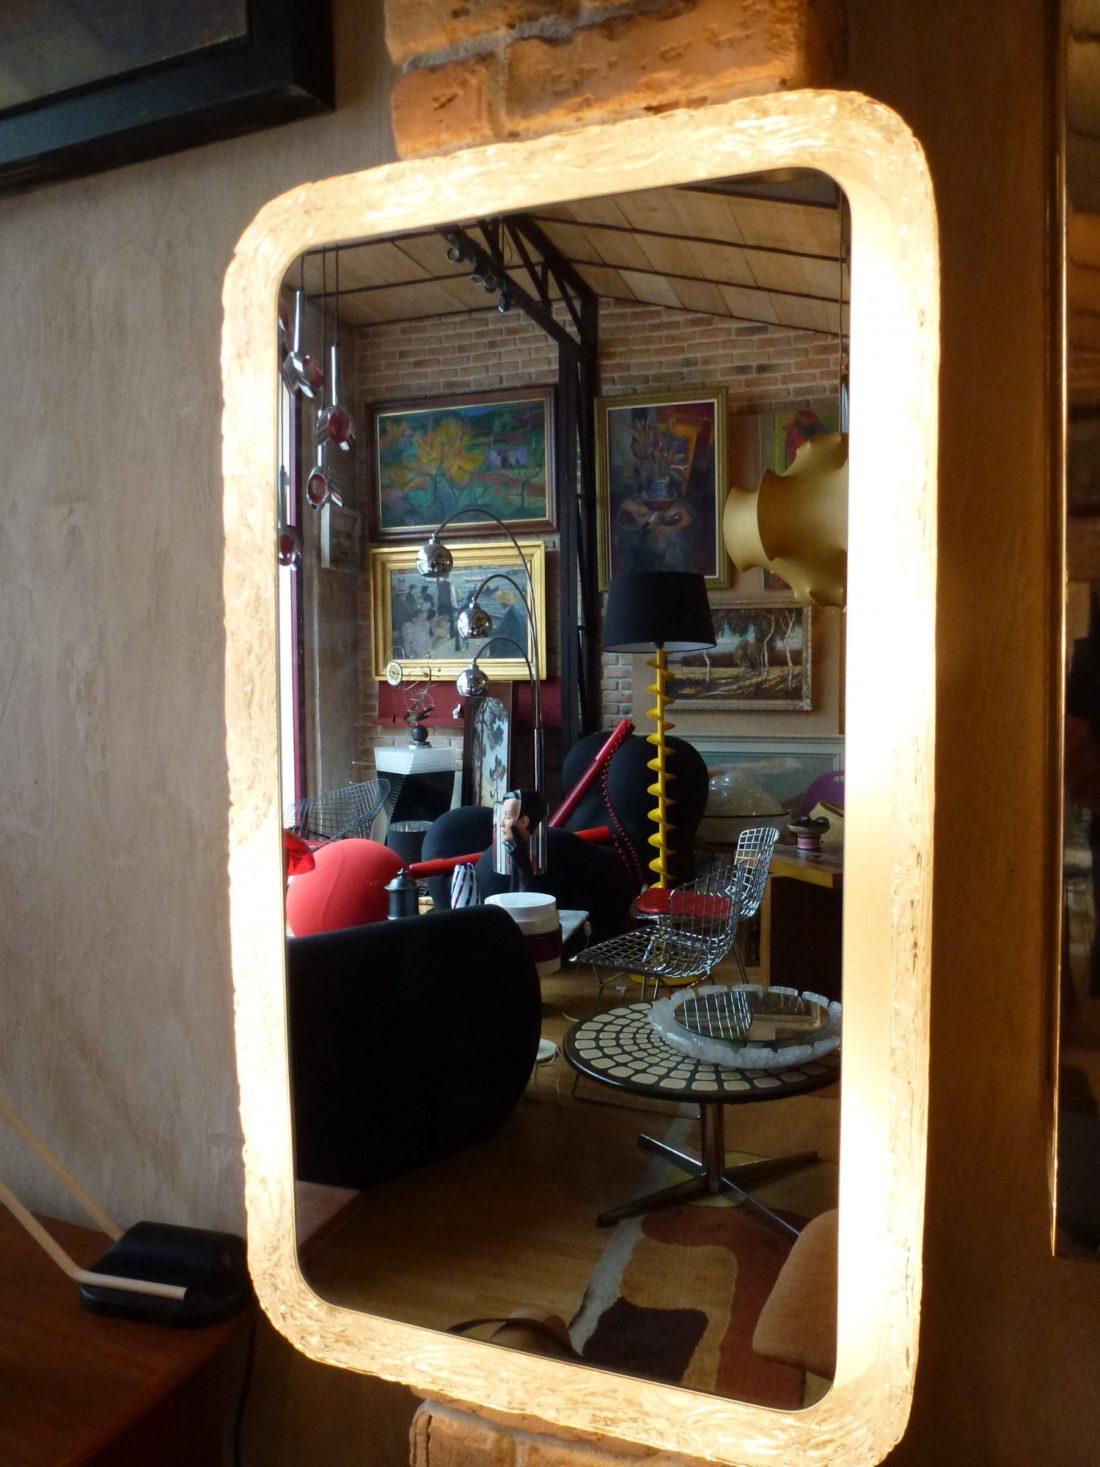 miroir lumineux des années 60 original par sa forme rectangulaire